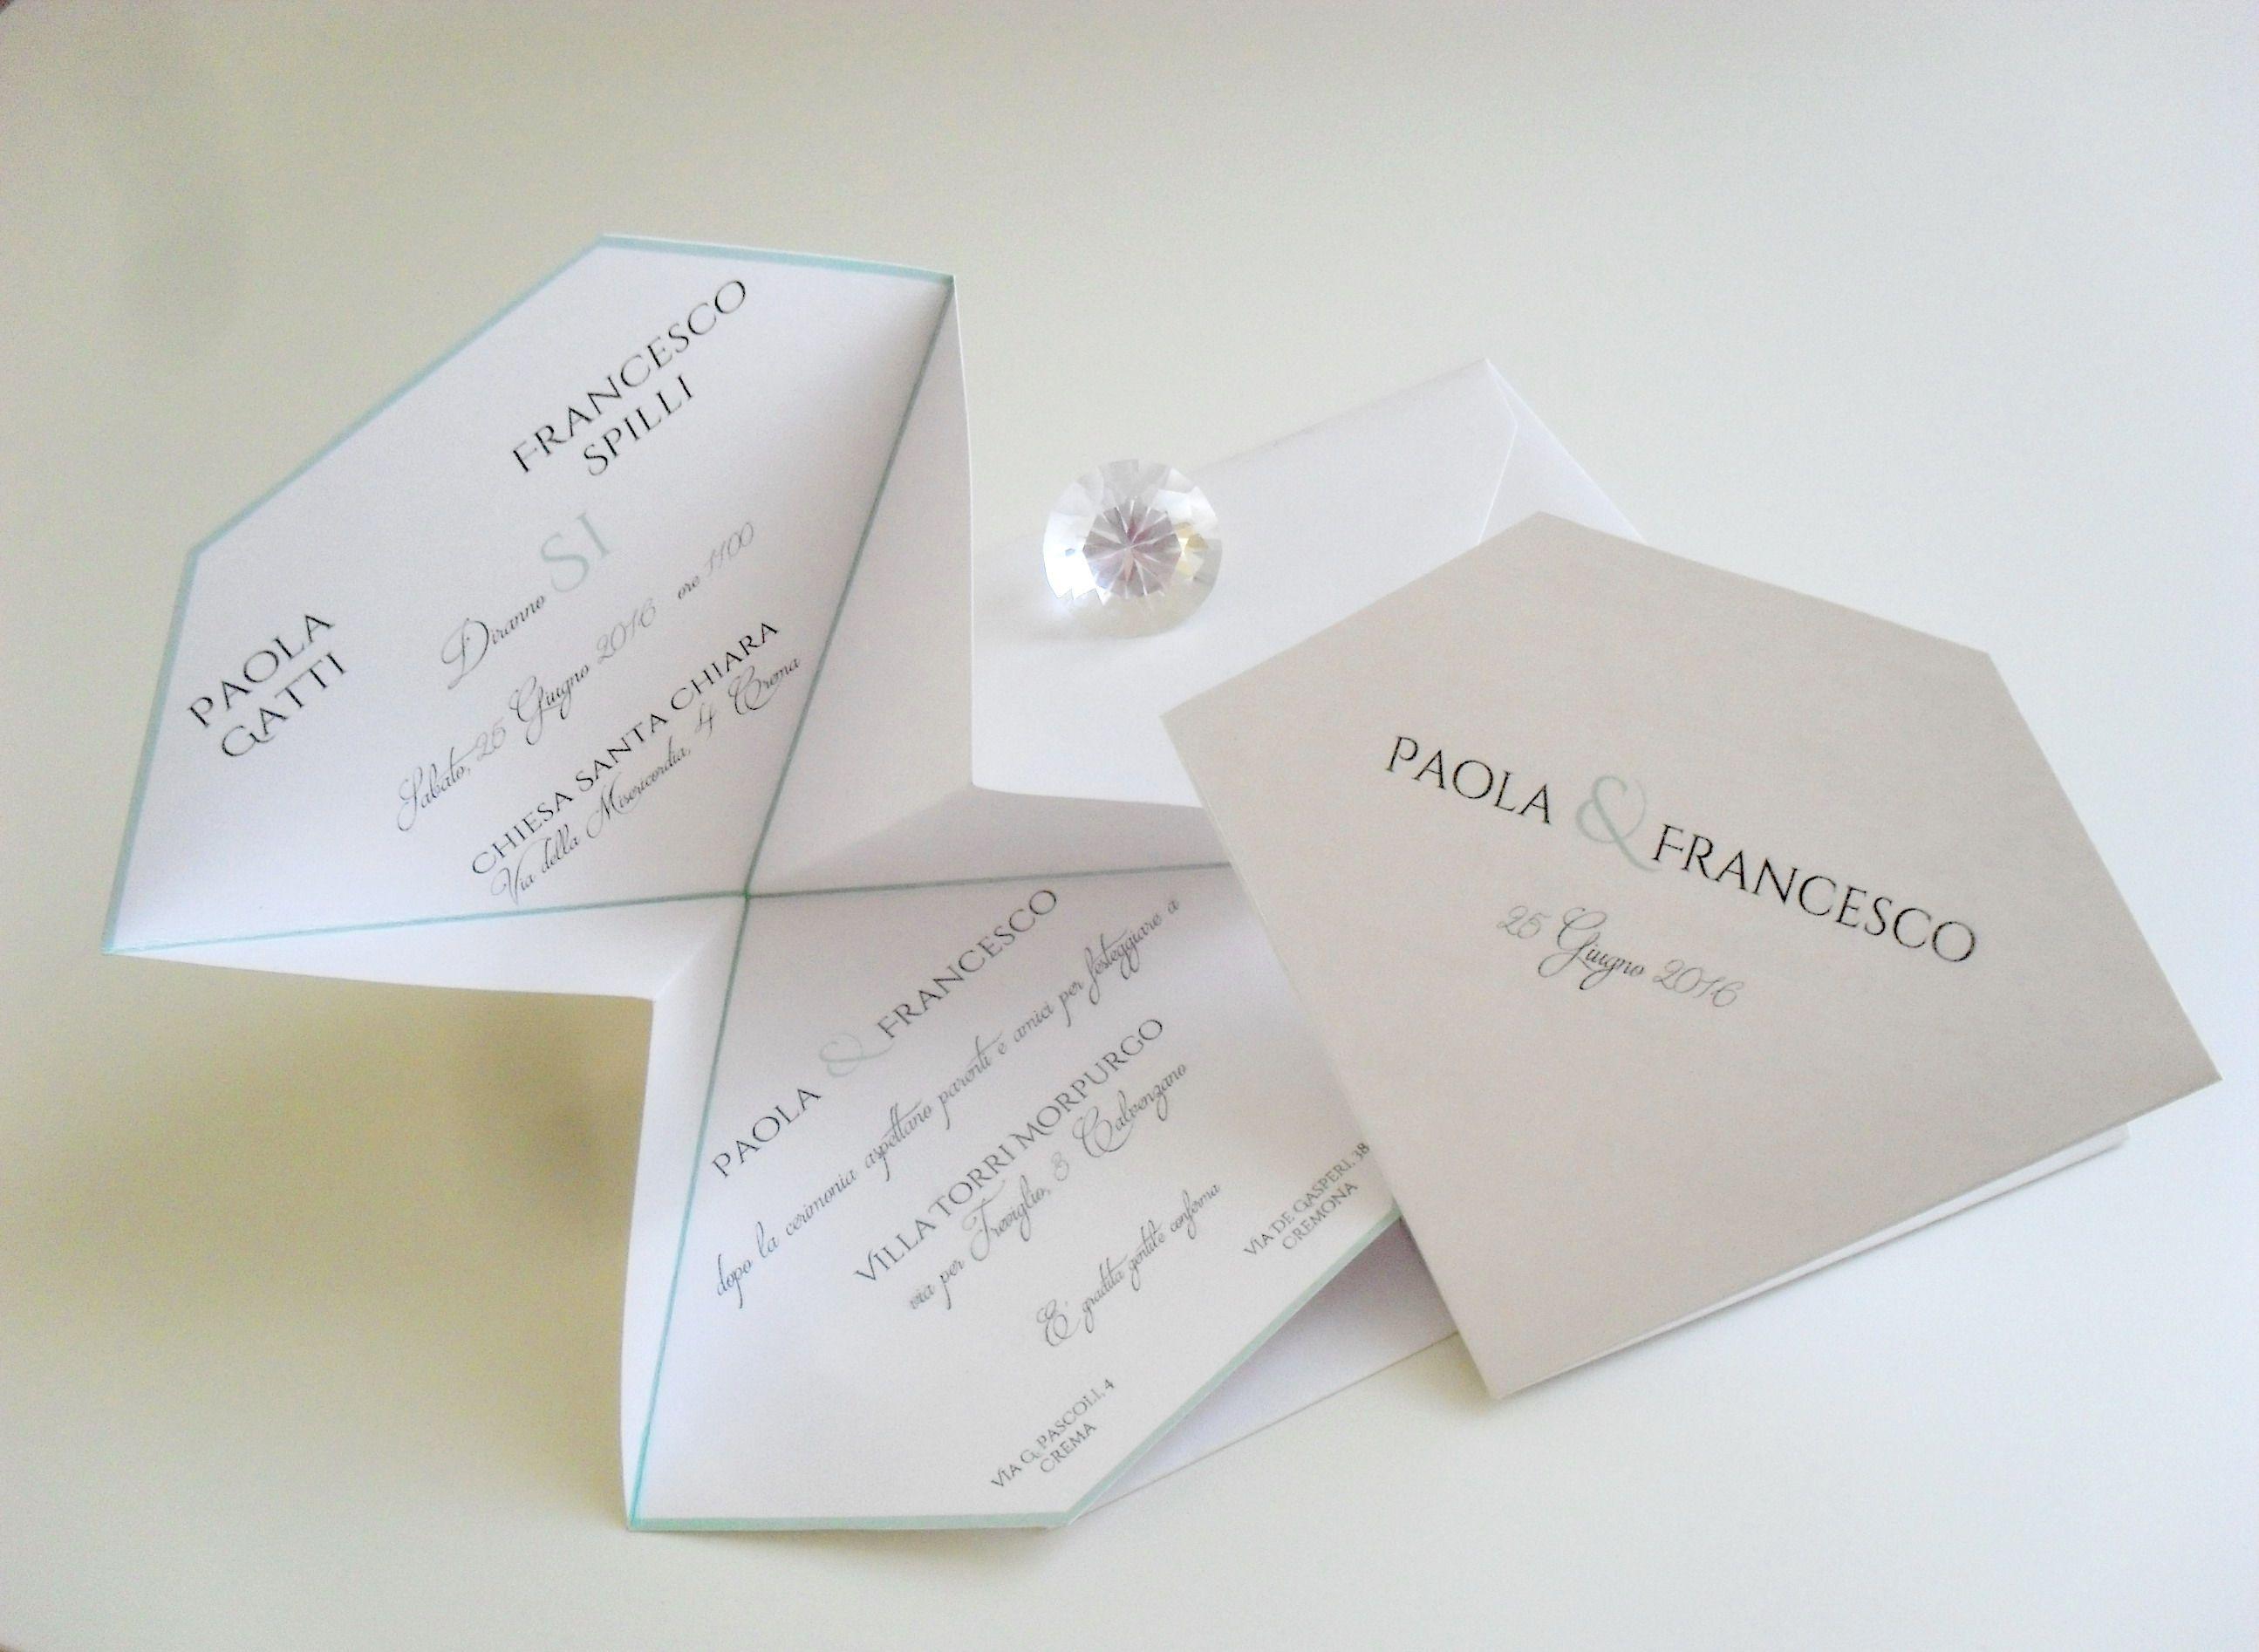 Partecipazione A Diamante Per Un Tema Colazione Da Tiffany Festa A Tema Viaggio Partecipazione Feste A Tema